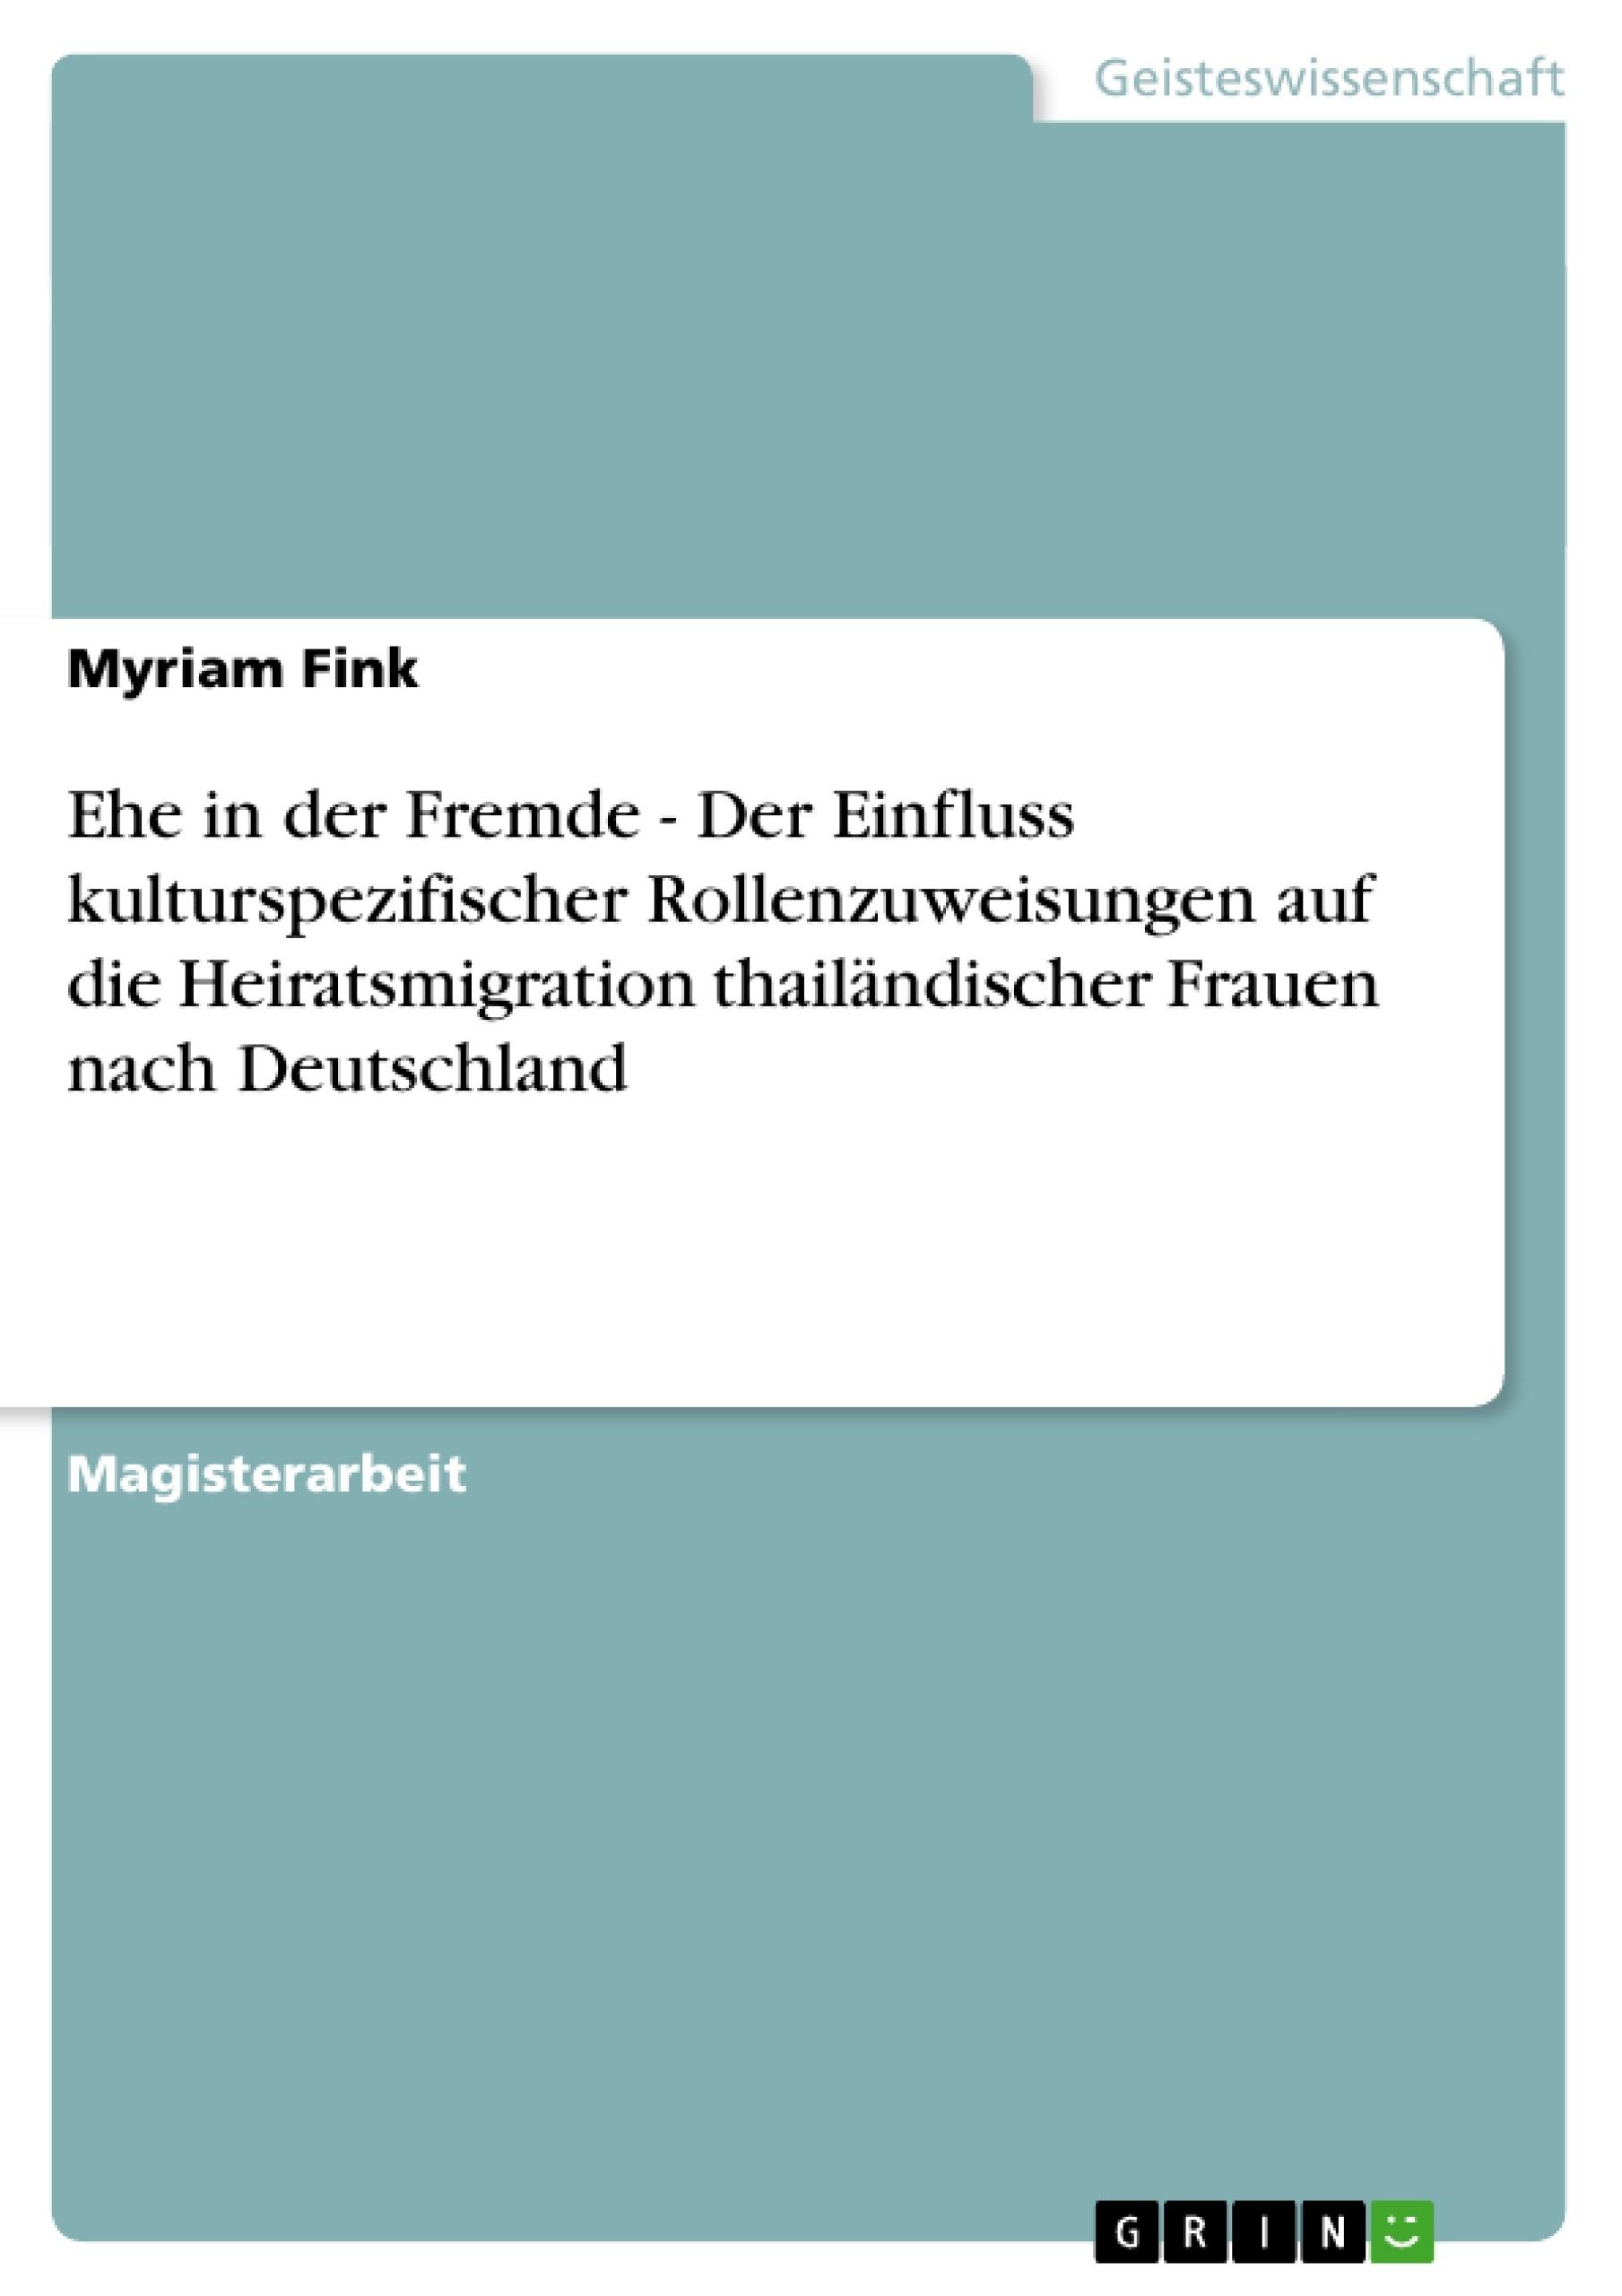 Titel: Ehe in der Fremde - Der Einfluss kulturspezifischer Rollenzuweisungen auf die Heiratsmigration thailändischer Frauen nach Deutschland